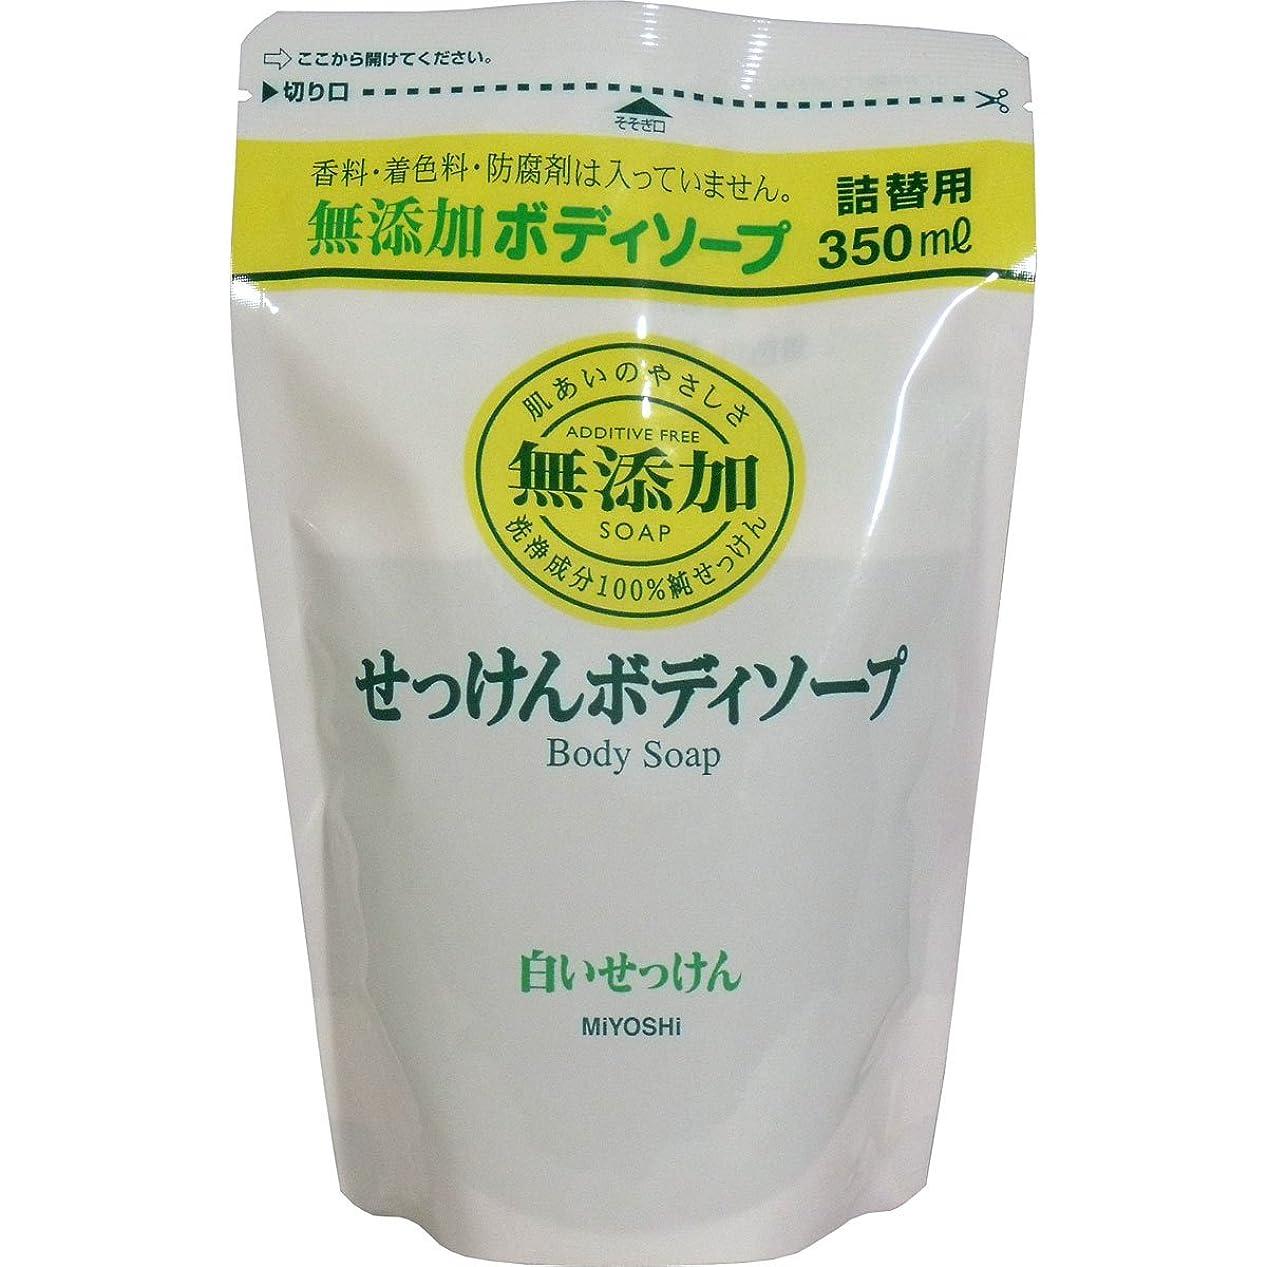 確率セメント後方ミヨシ石鹸 無添加 ボディソープ 白い石けん つめかえ用 350ml×20個セット(無添加石鹸)